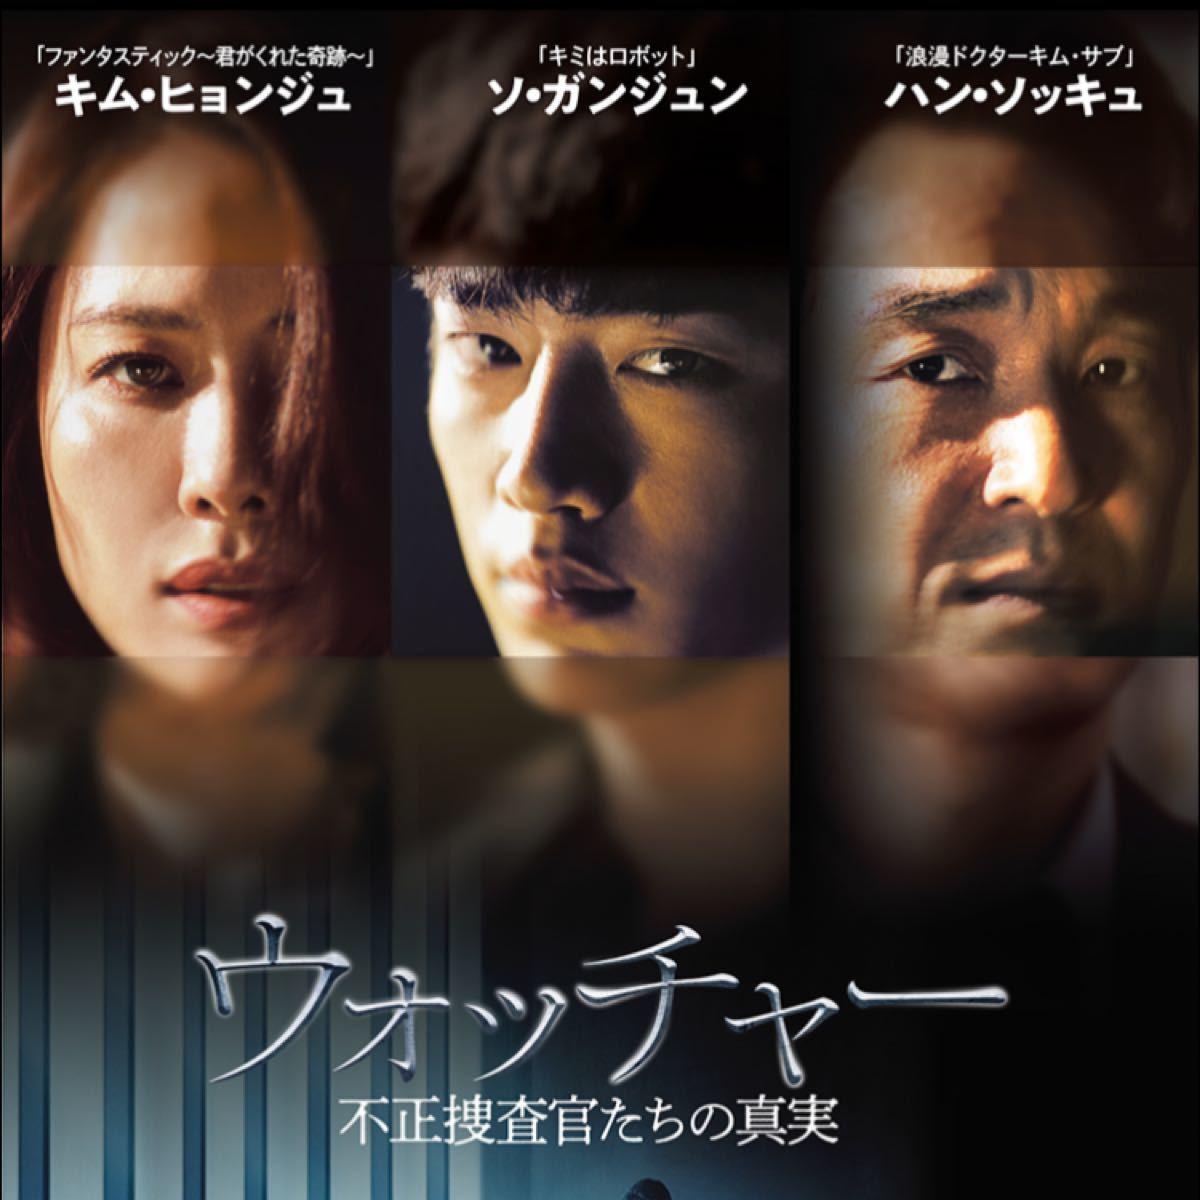 韓国ドラマ 「ウォッチャー 不正捜査官たちの真実」